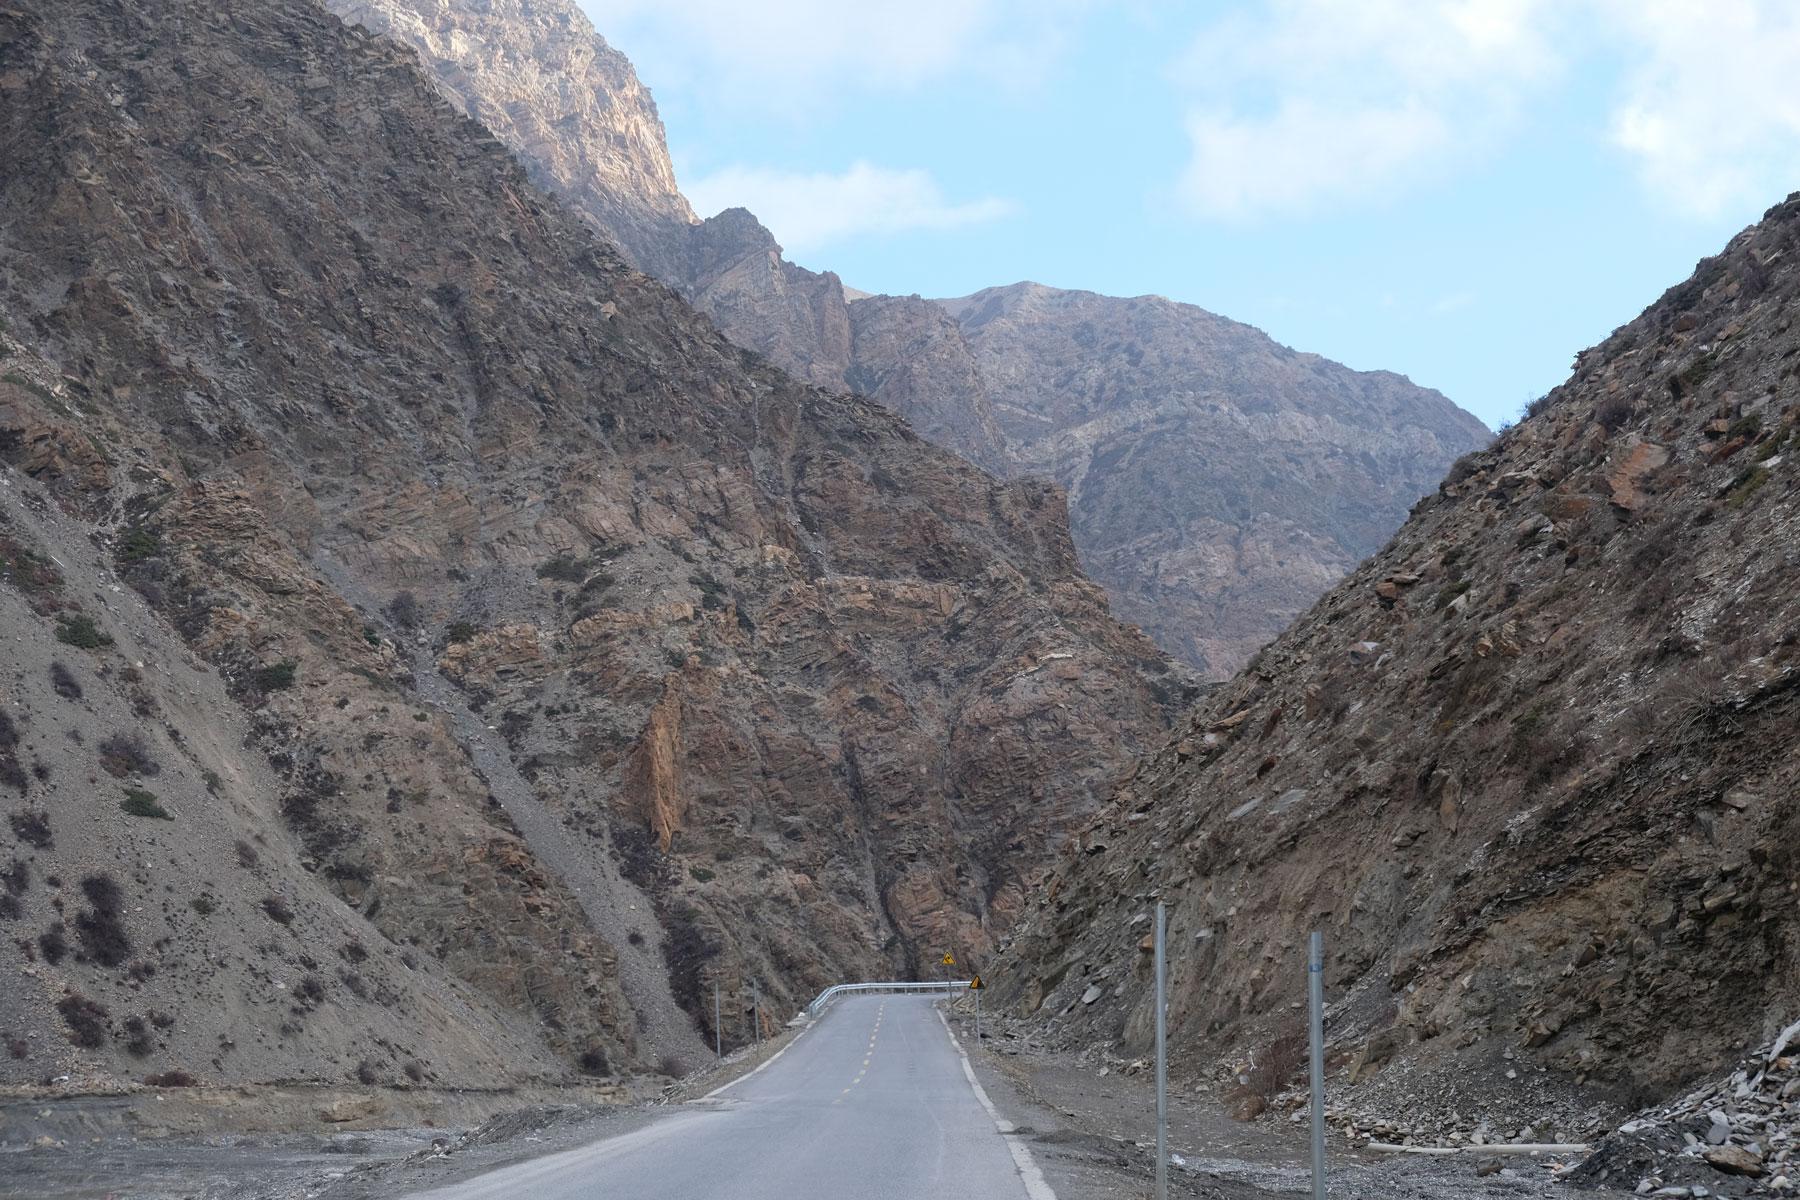 Die Straße windet sich durch die Bergtäler Tibets.